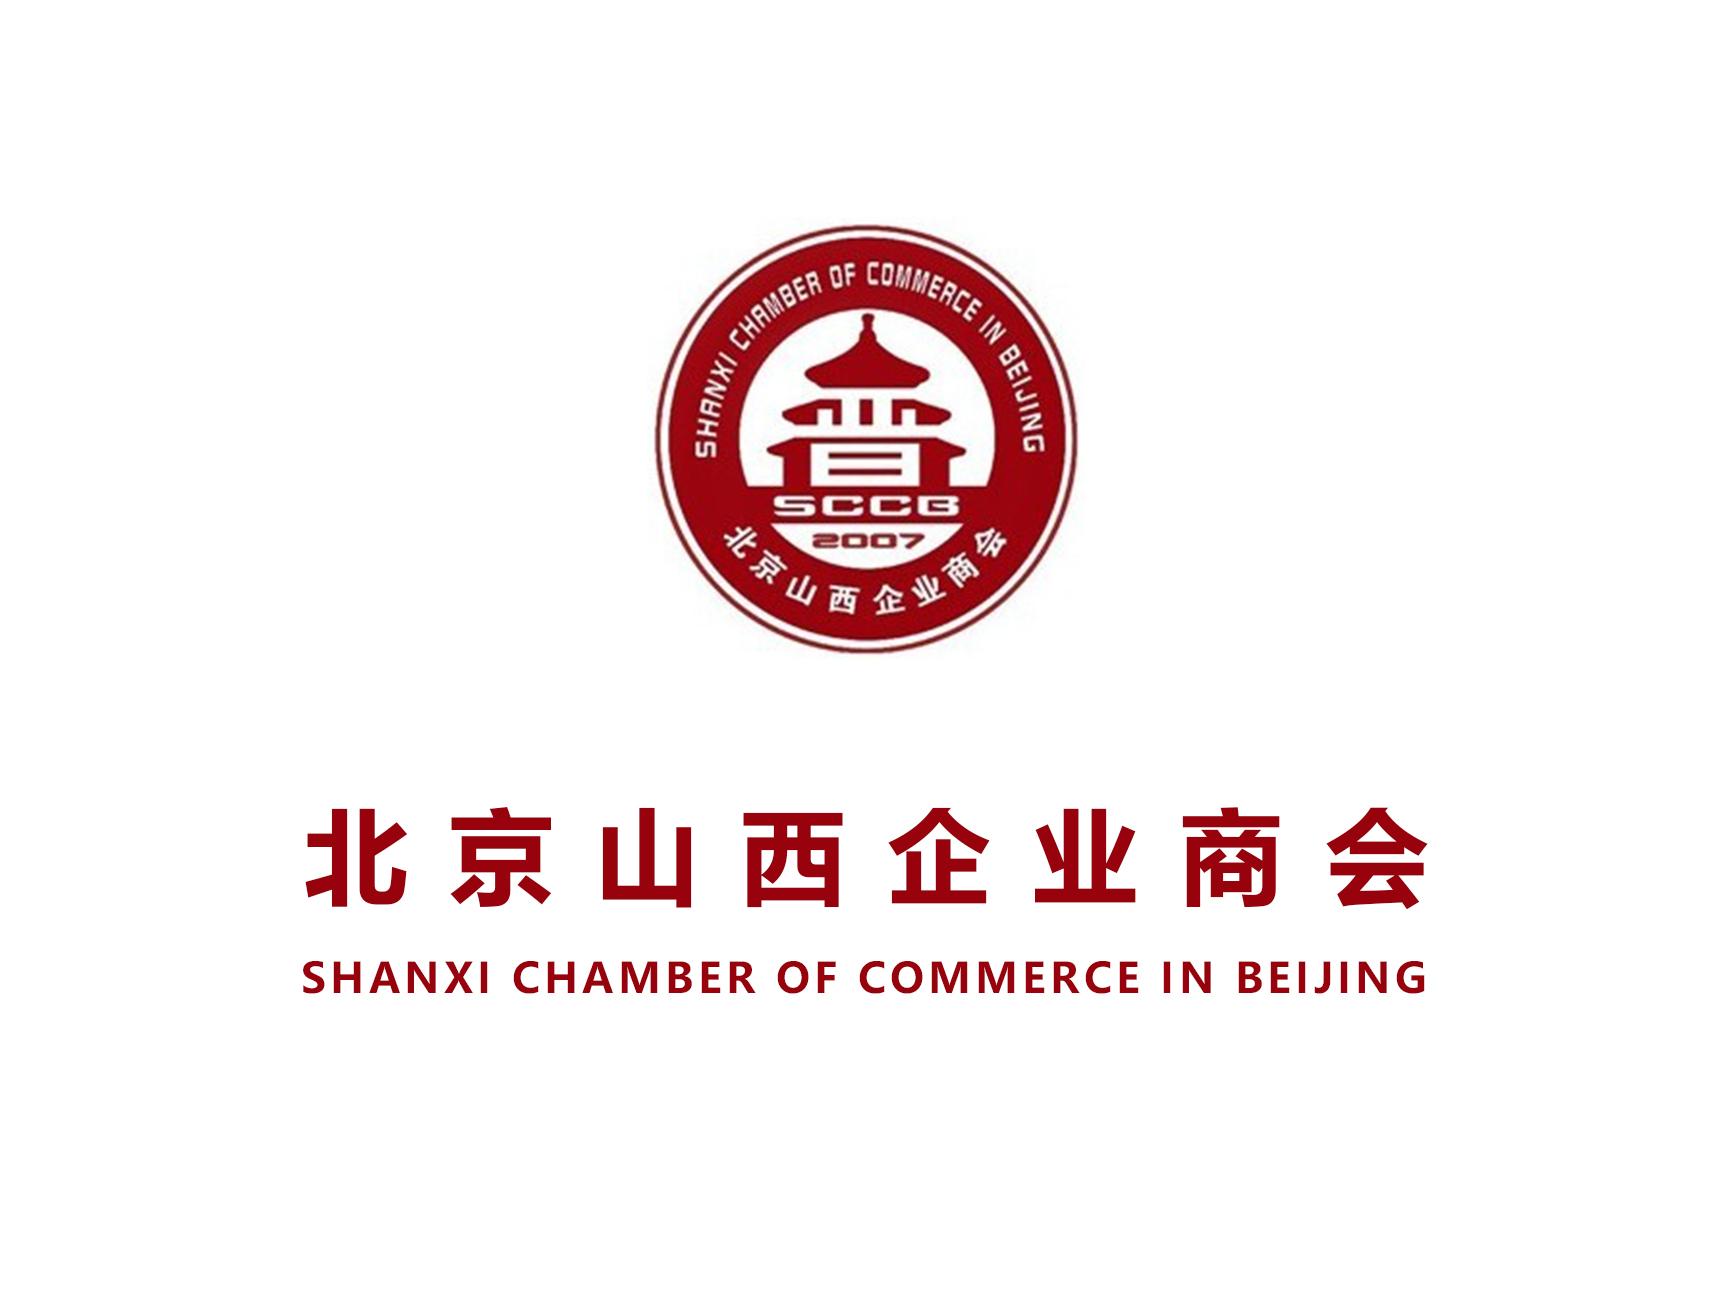 北京山西企业商会——弘扬晋商精神